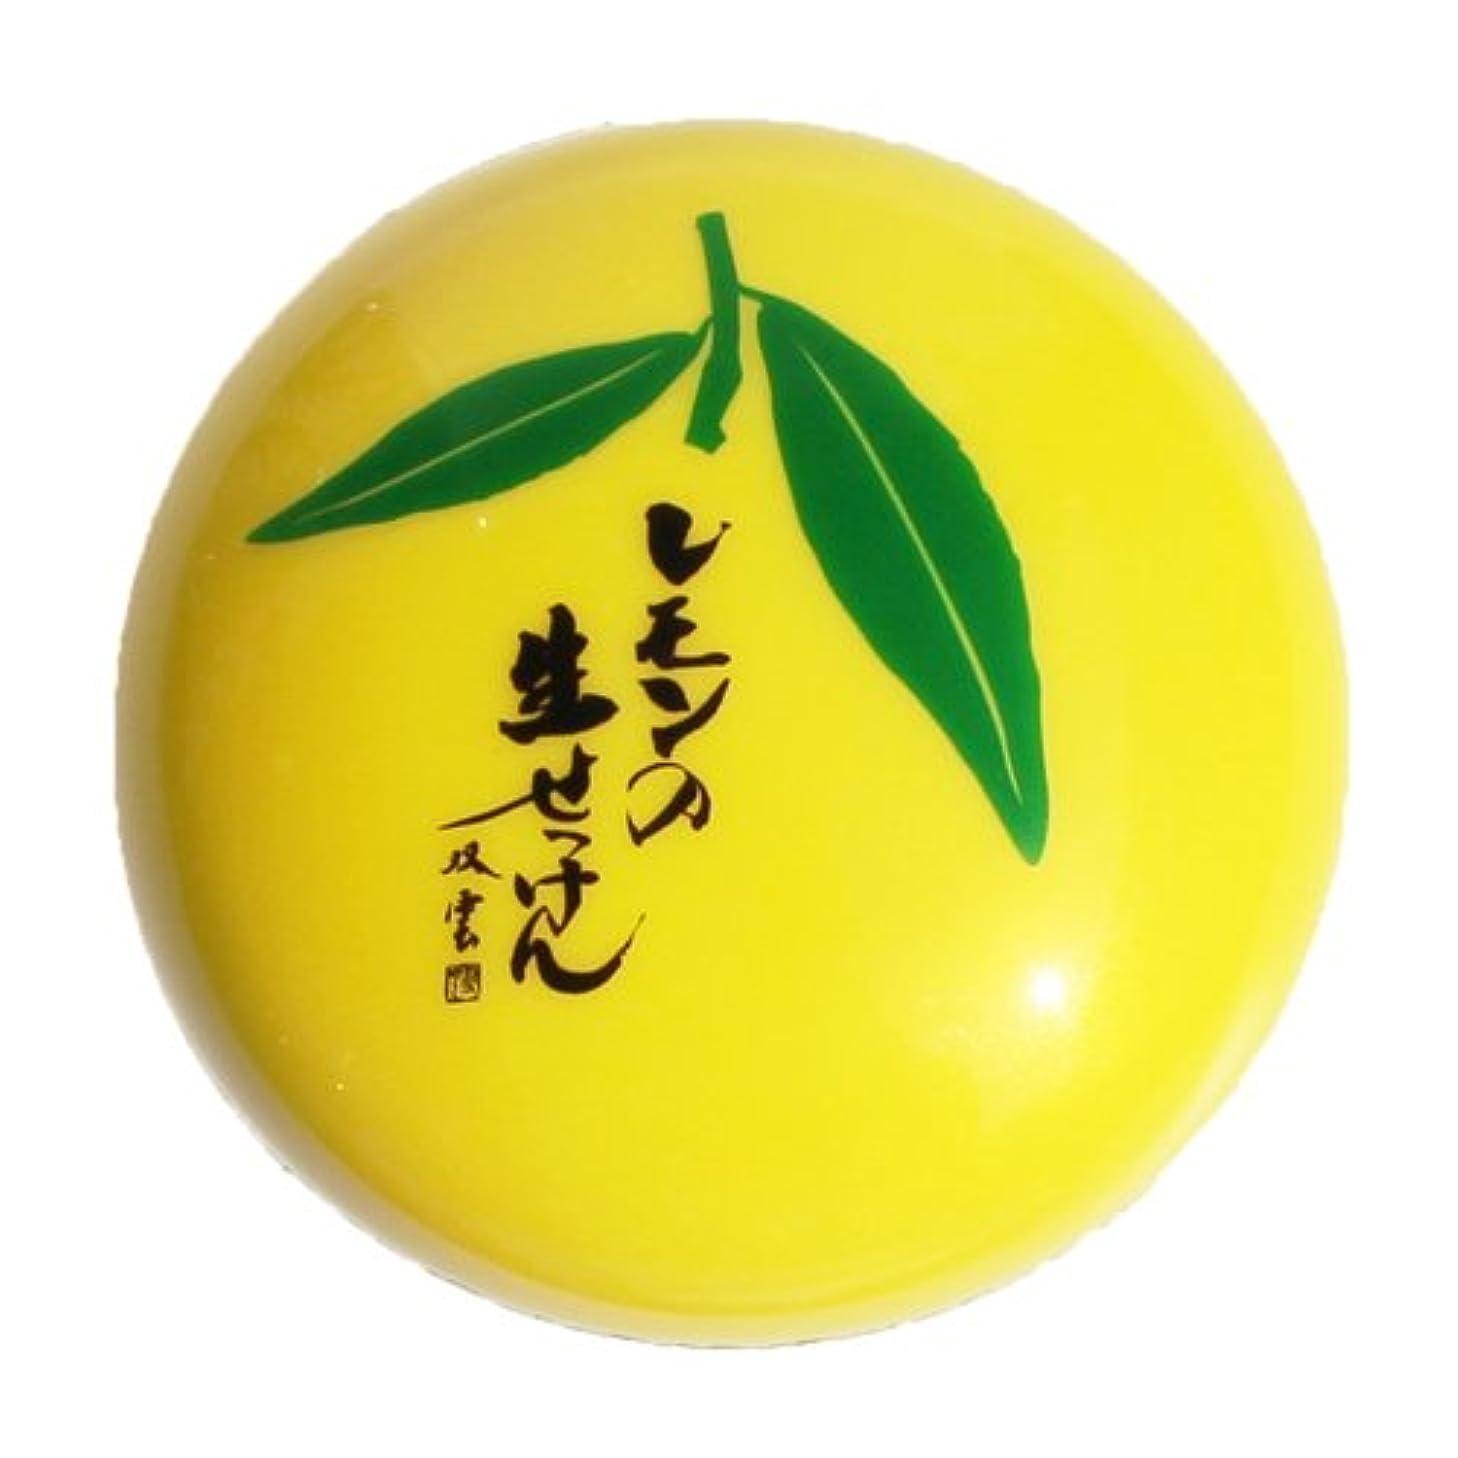 ダムエステートカーペット美香柑 レモンの生せっけん 50g